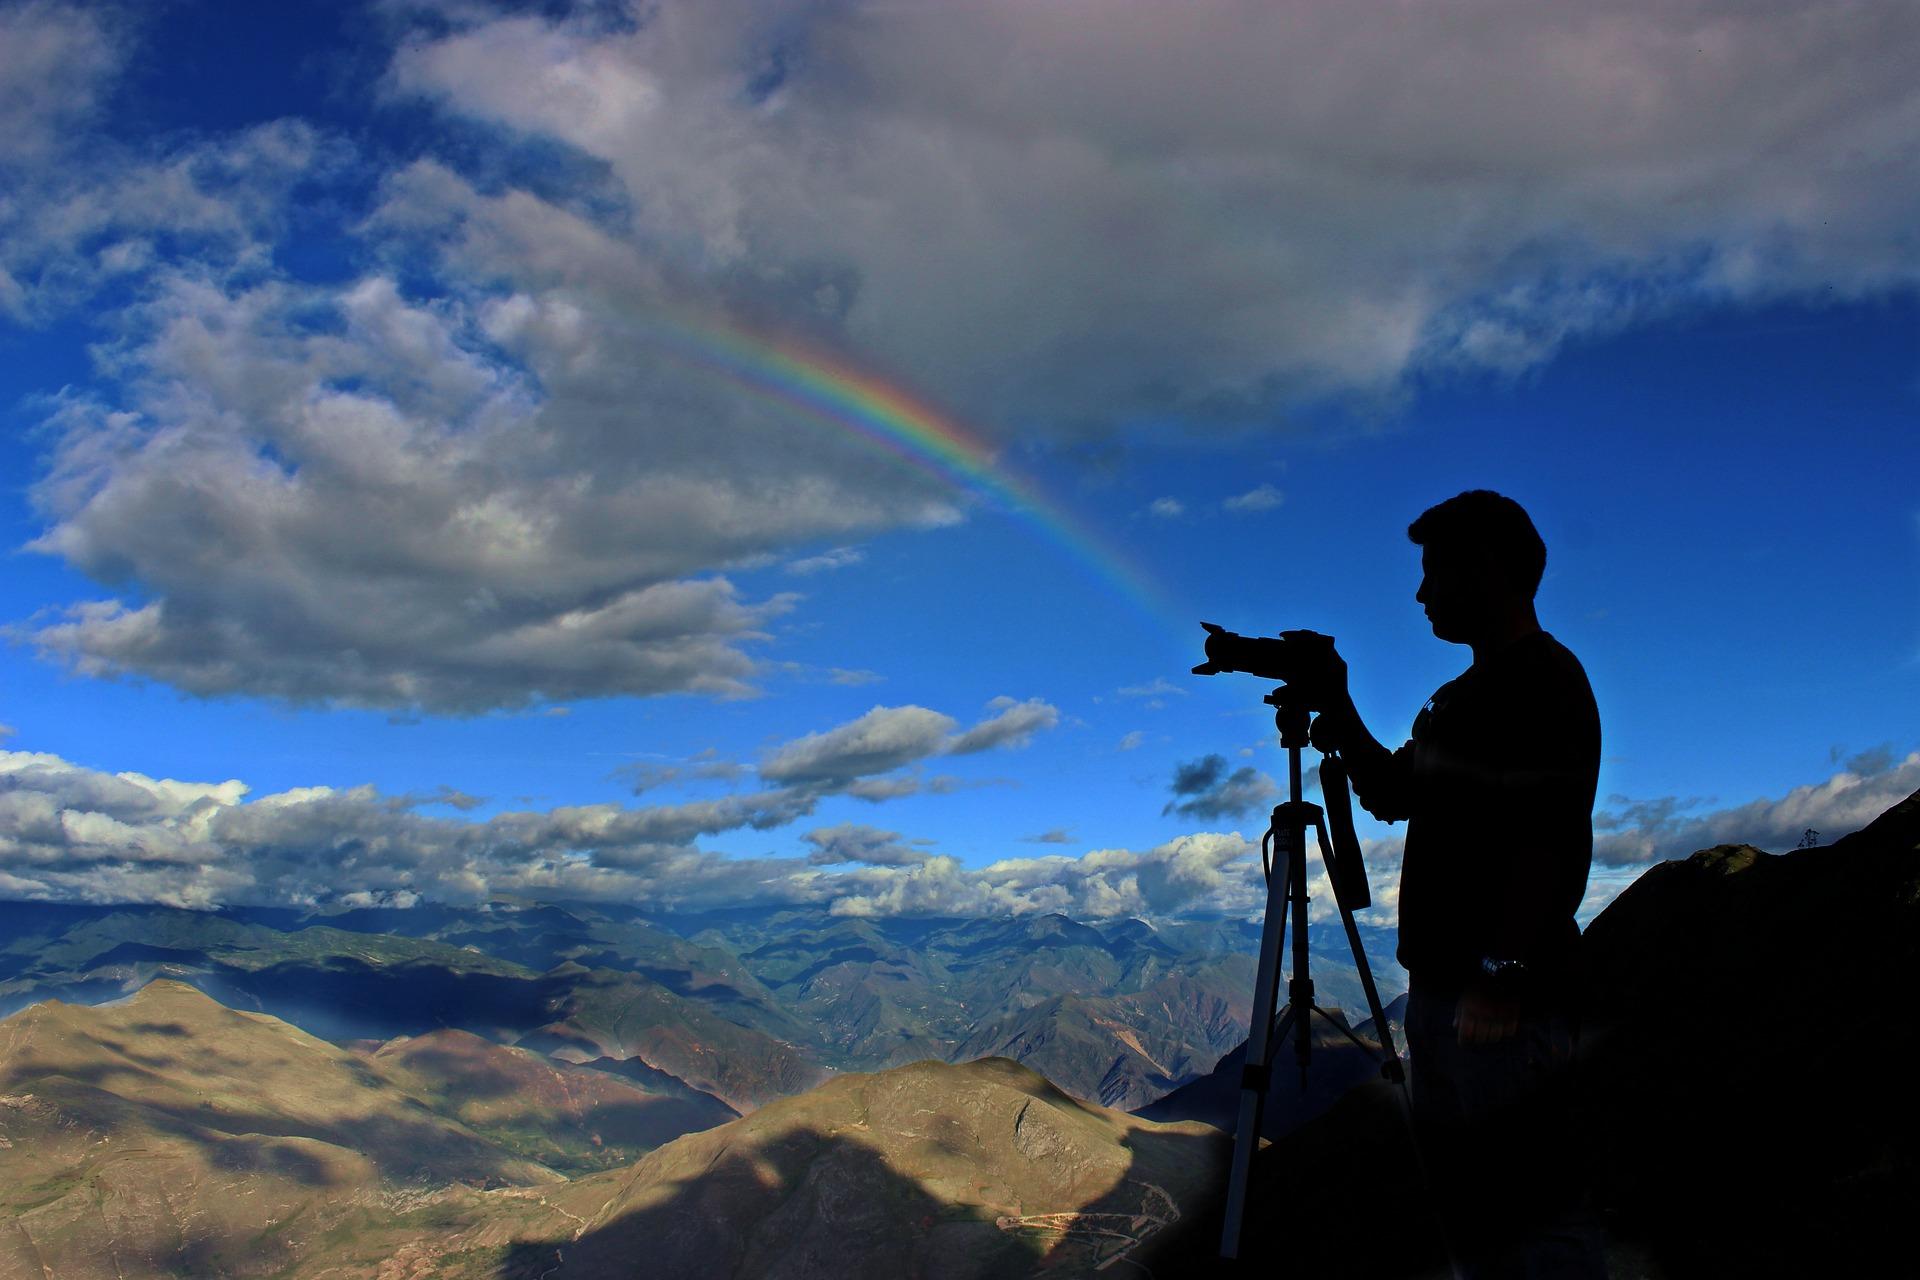 Jak fotografować piękne widoki. Kilka rad nie tylko dla początkujących